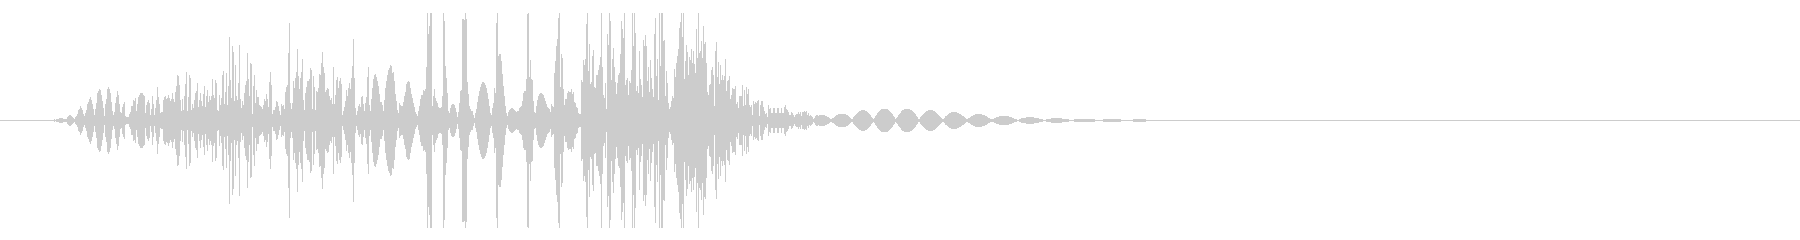 ボグッ(殴る音・弱)の未再生の波形